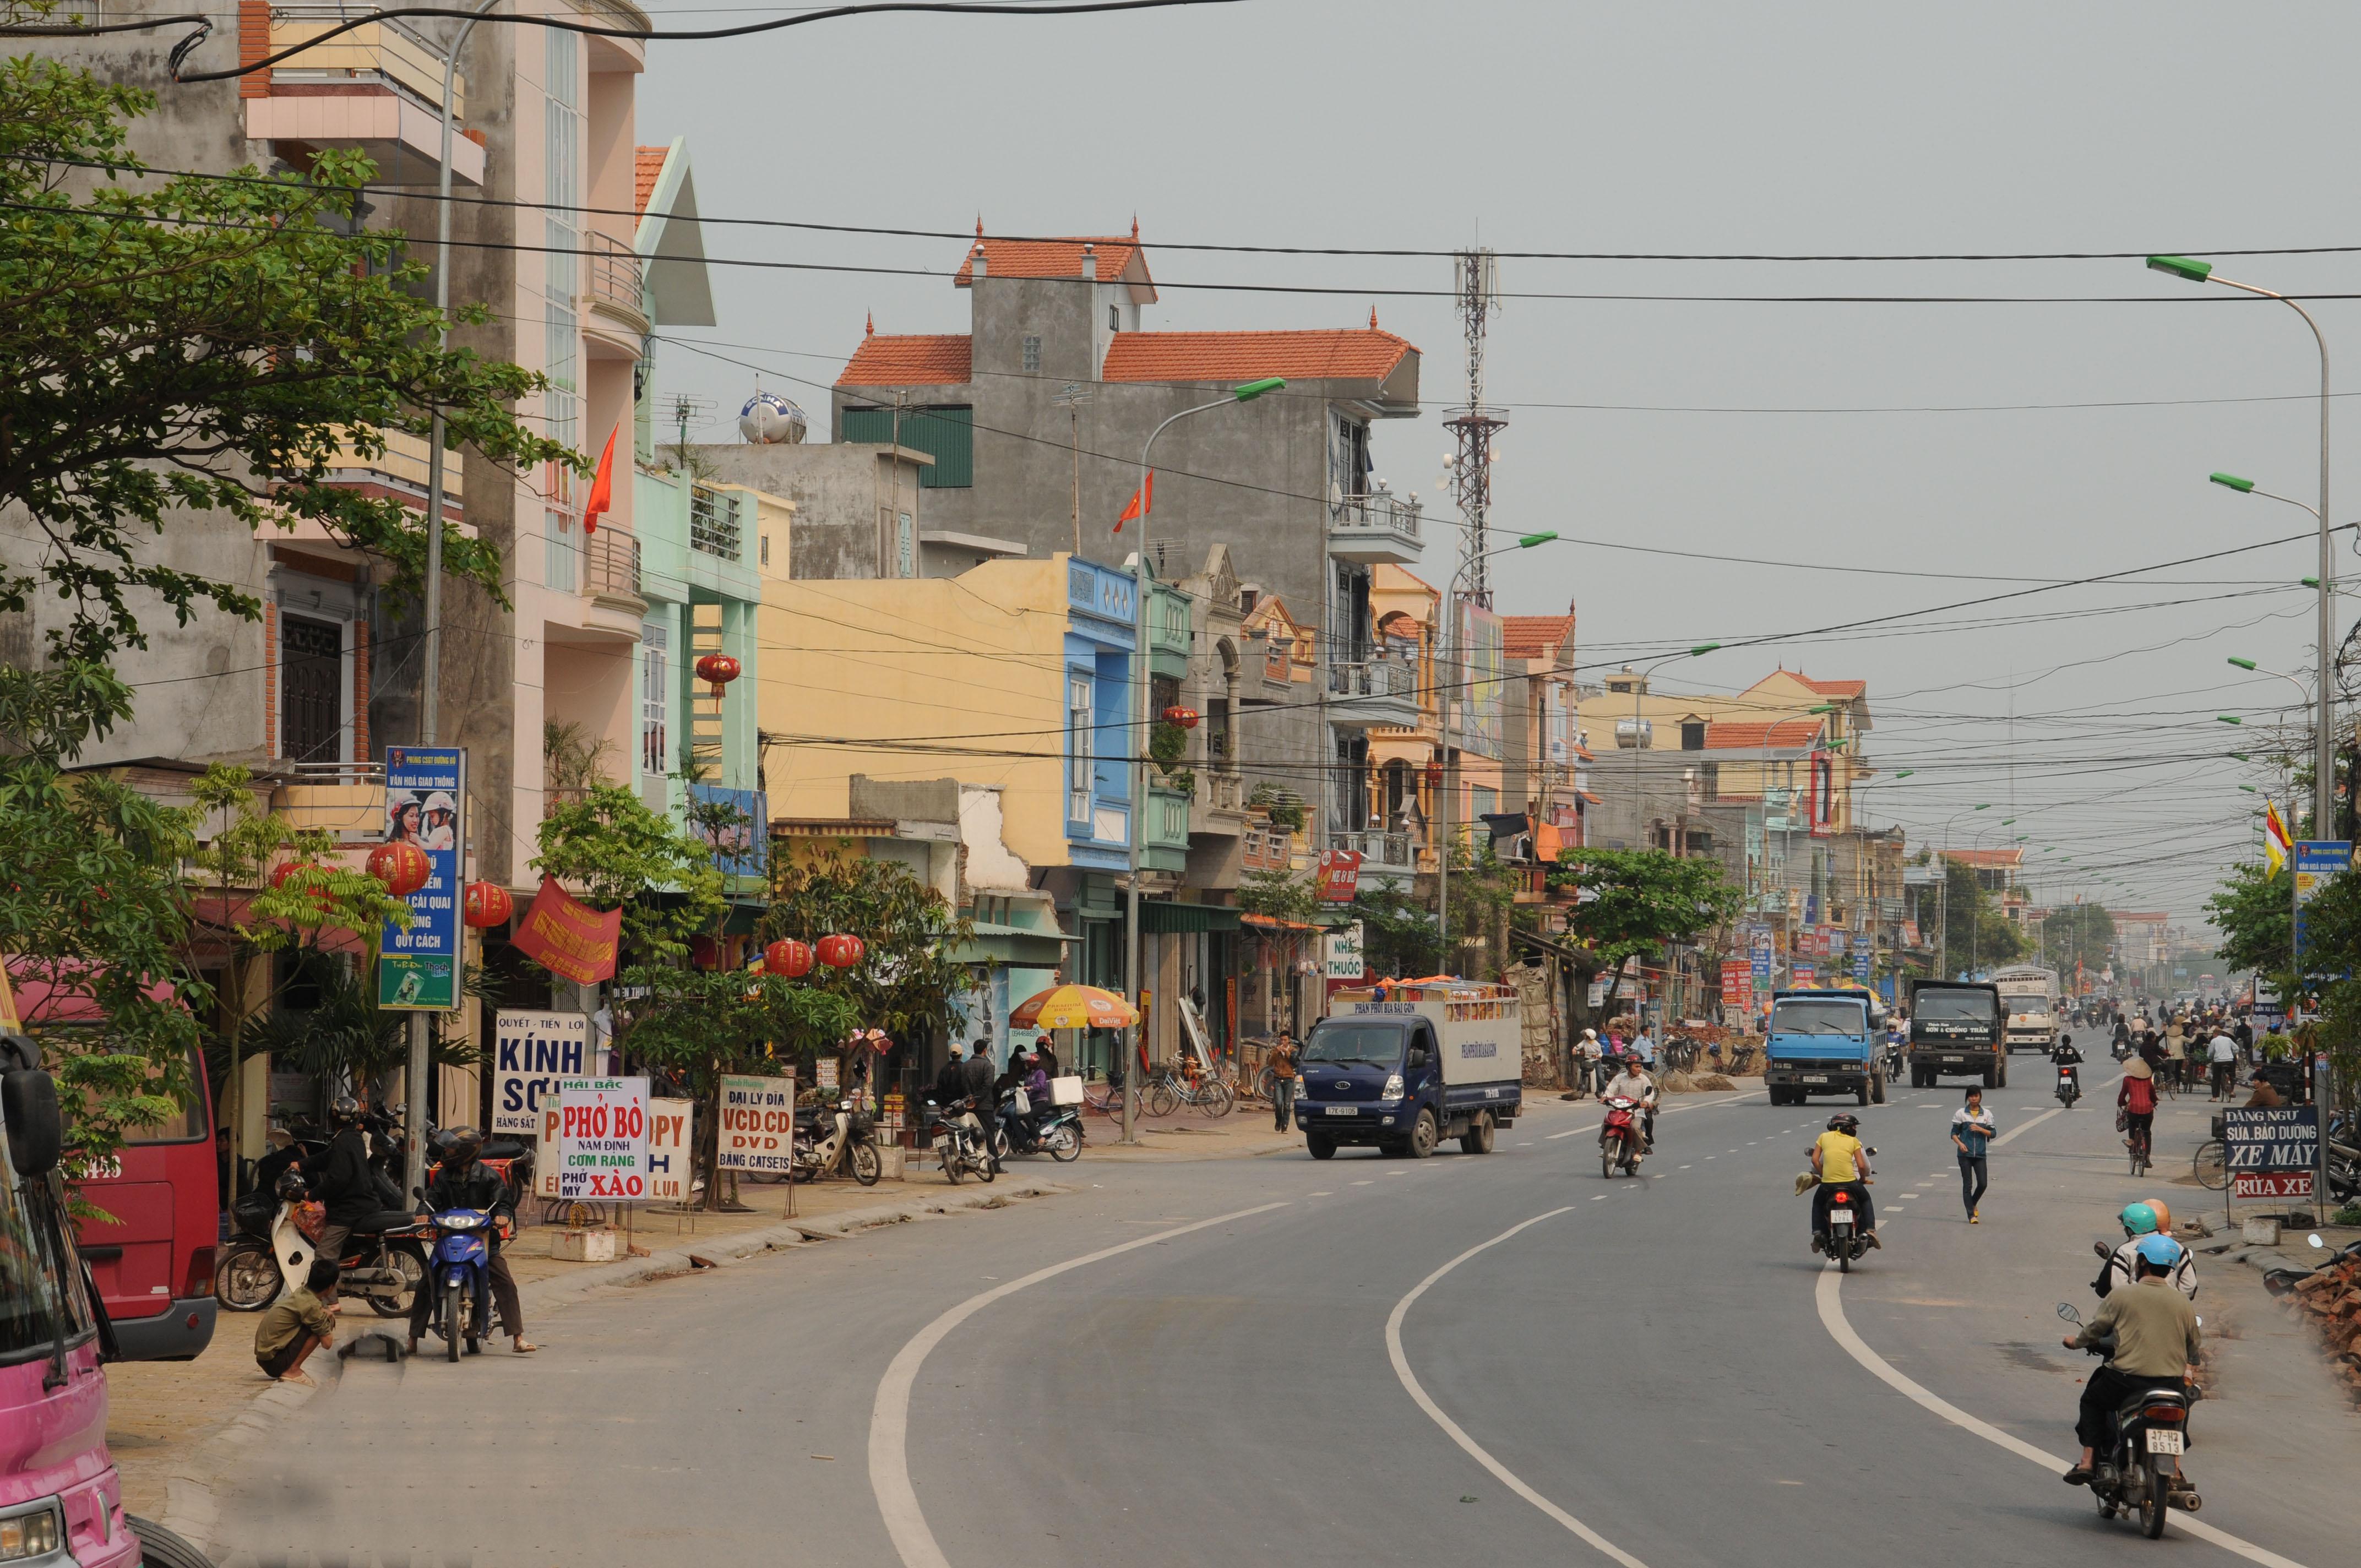 Bán nhớt Motul giá rẻ tại Thái Bình